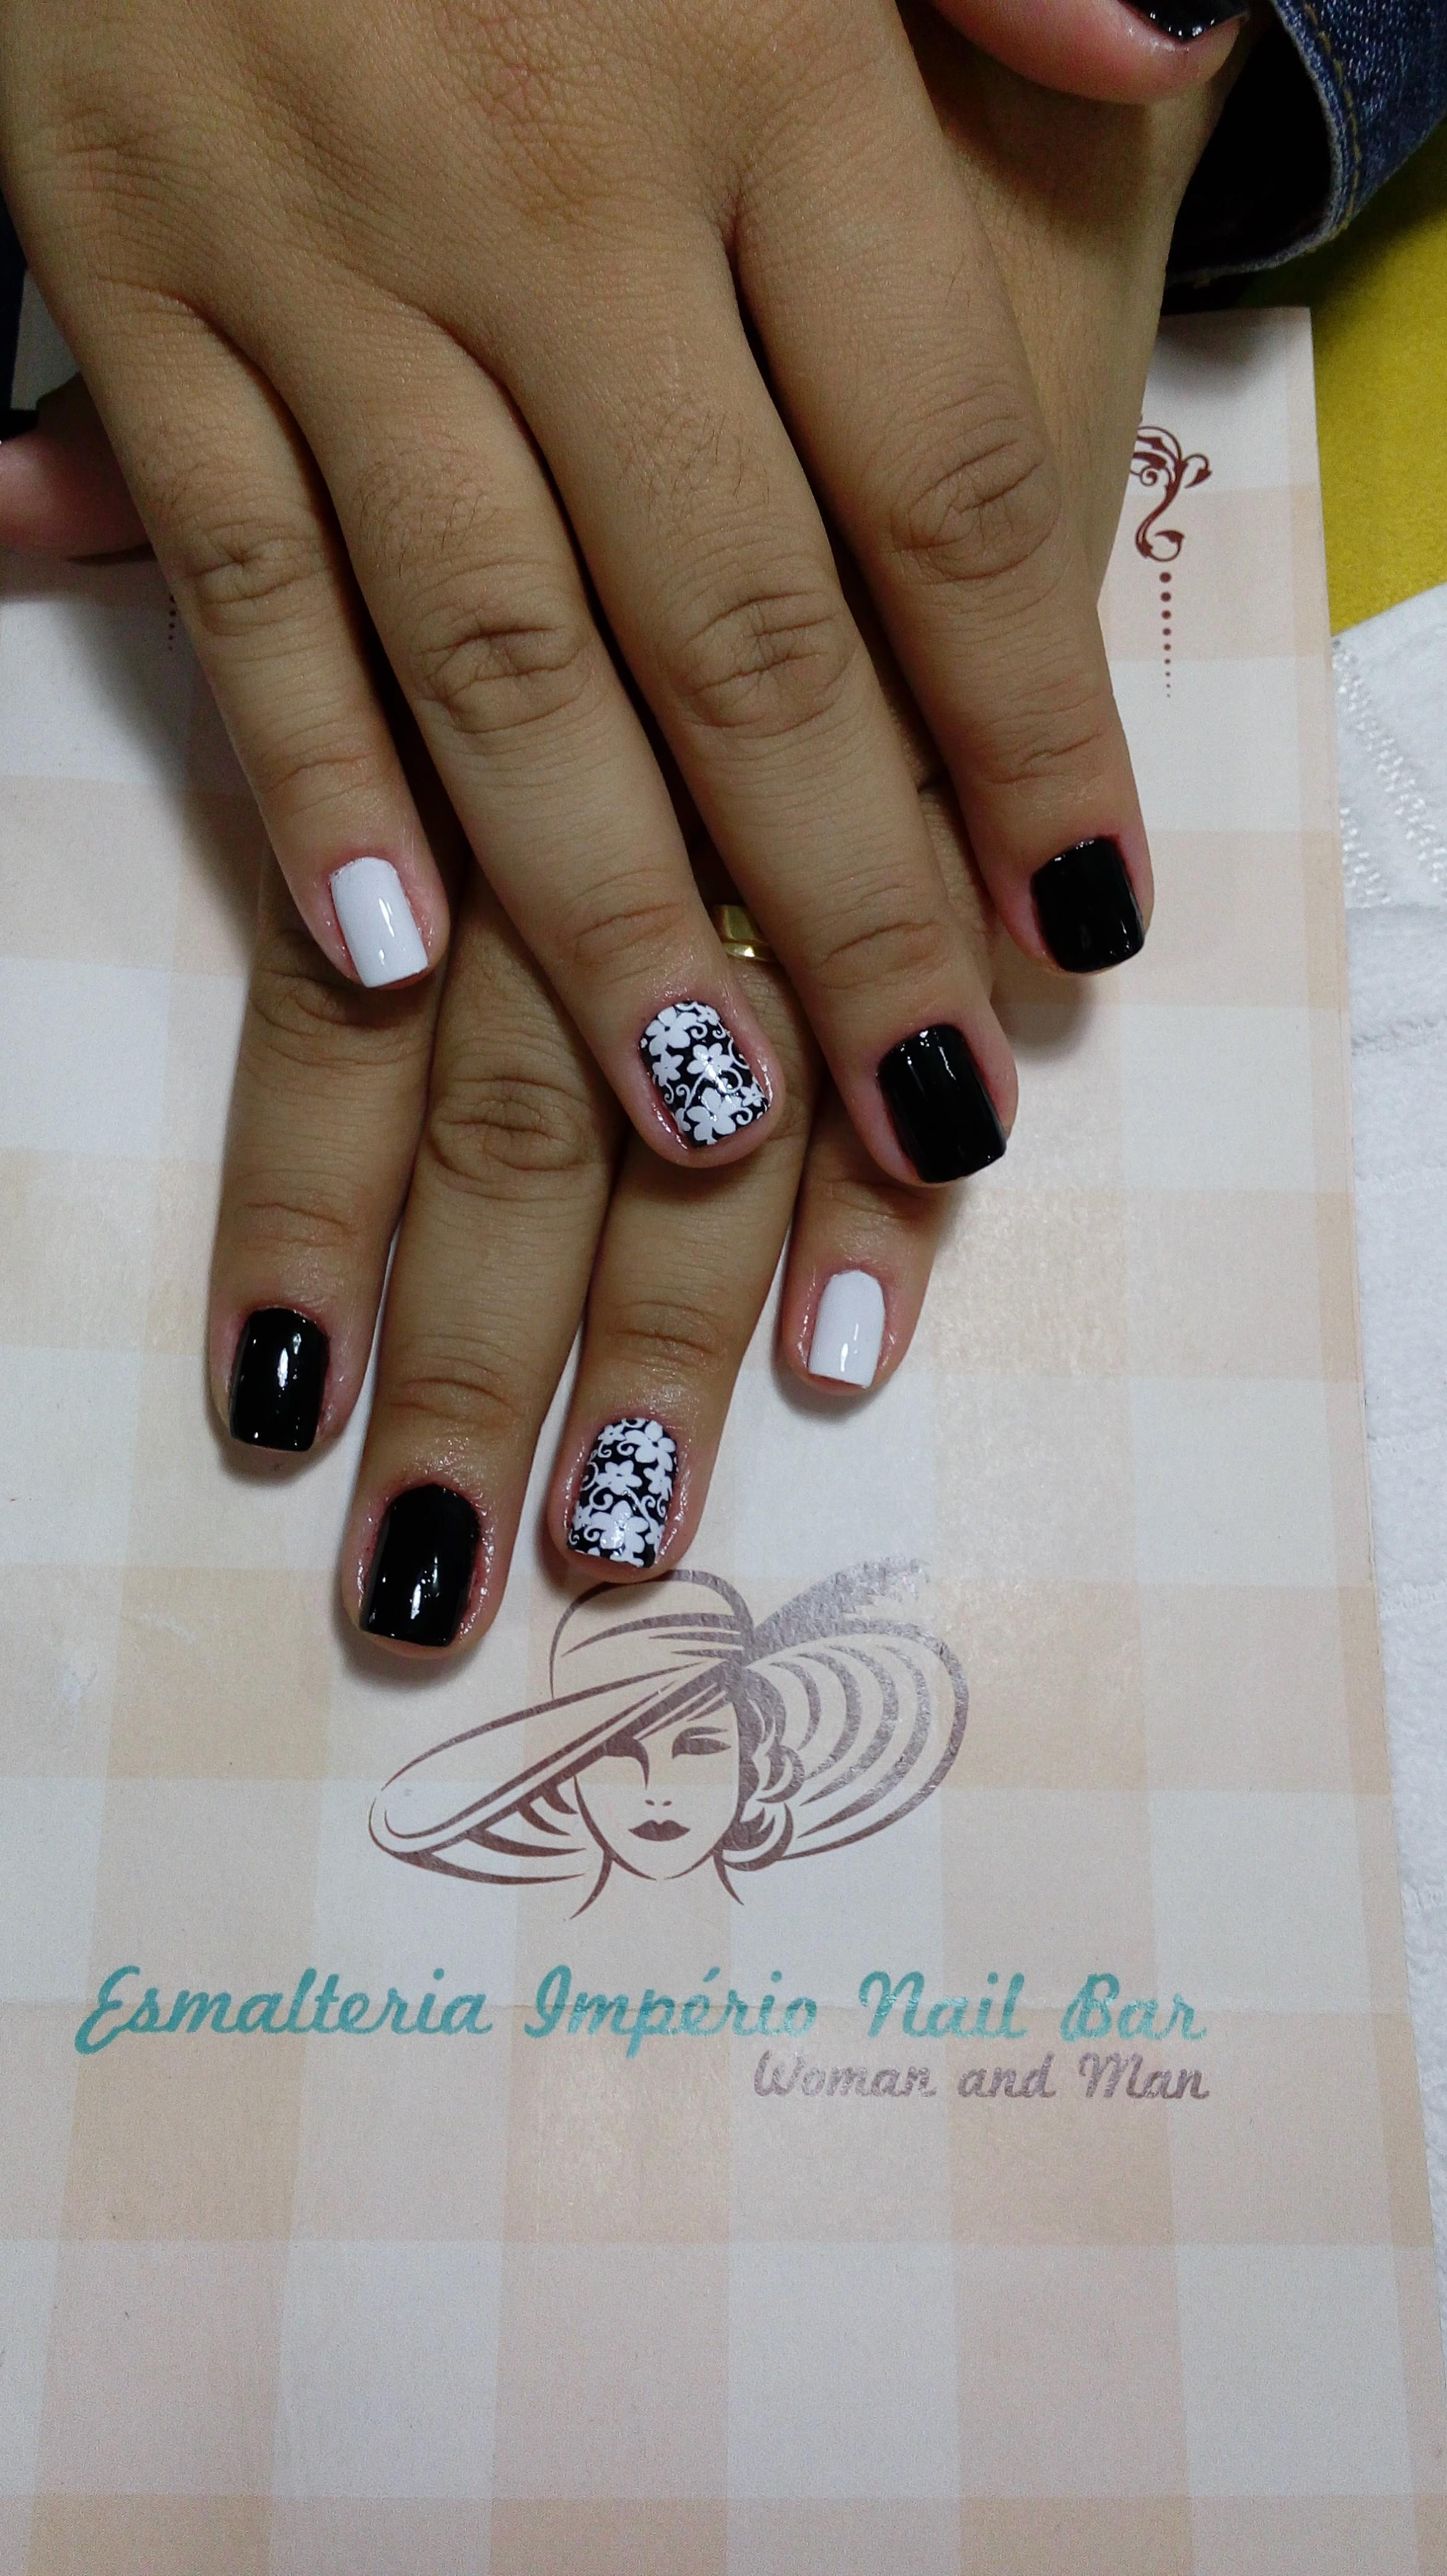 unha manicure e pedicure assistente esteticista recepcionista estudante (esteticista)